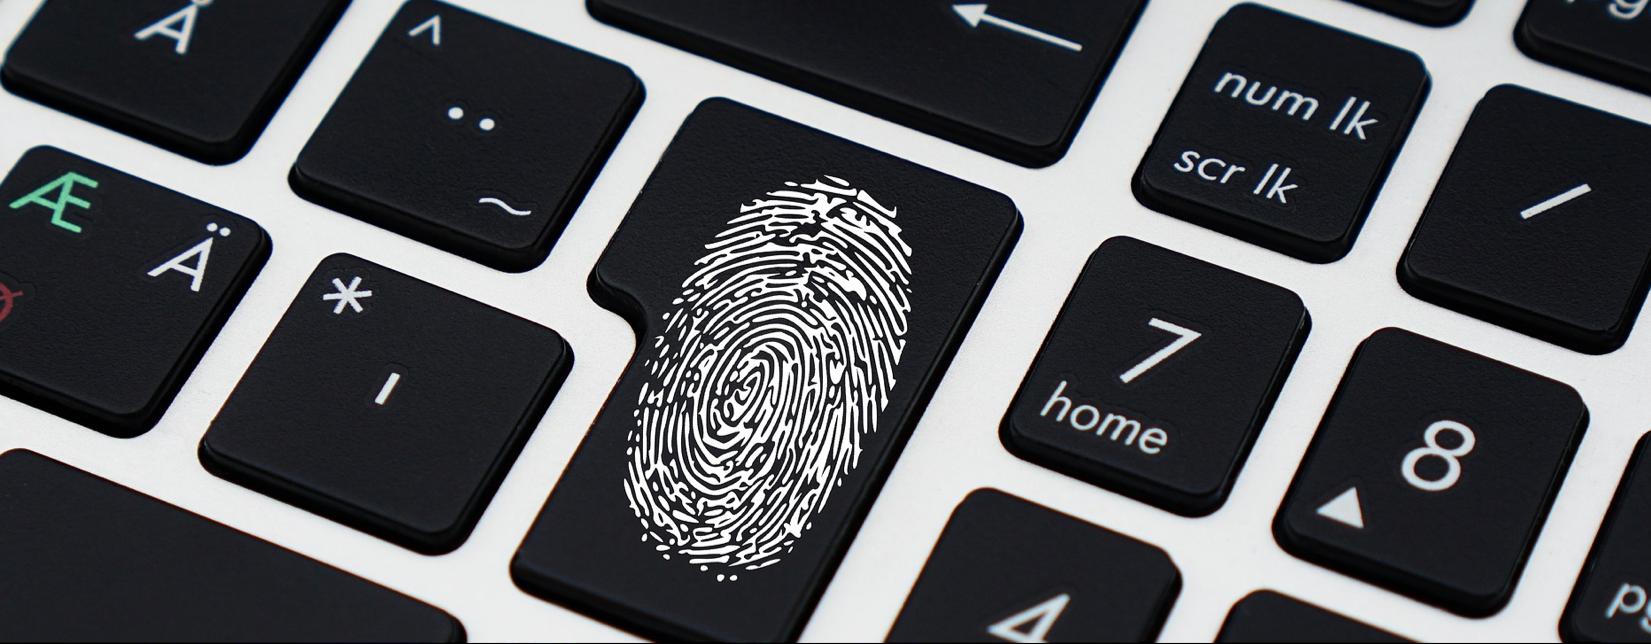 Passwords are Dead, Long Live Passwords